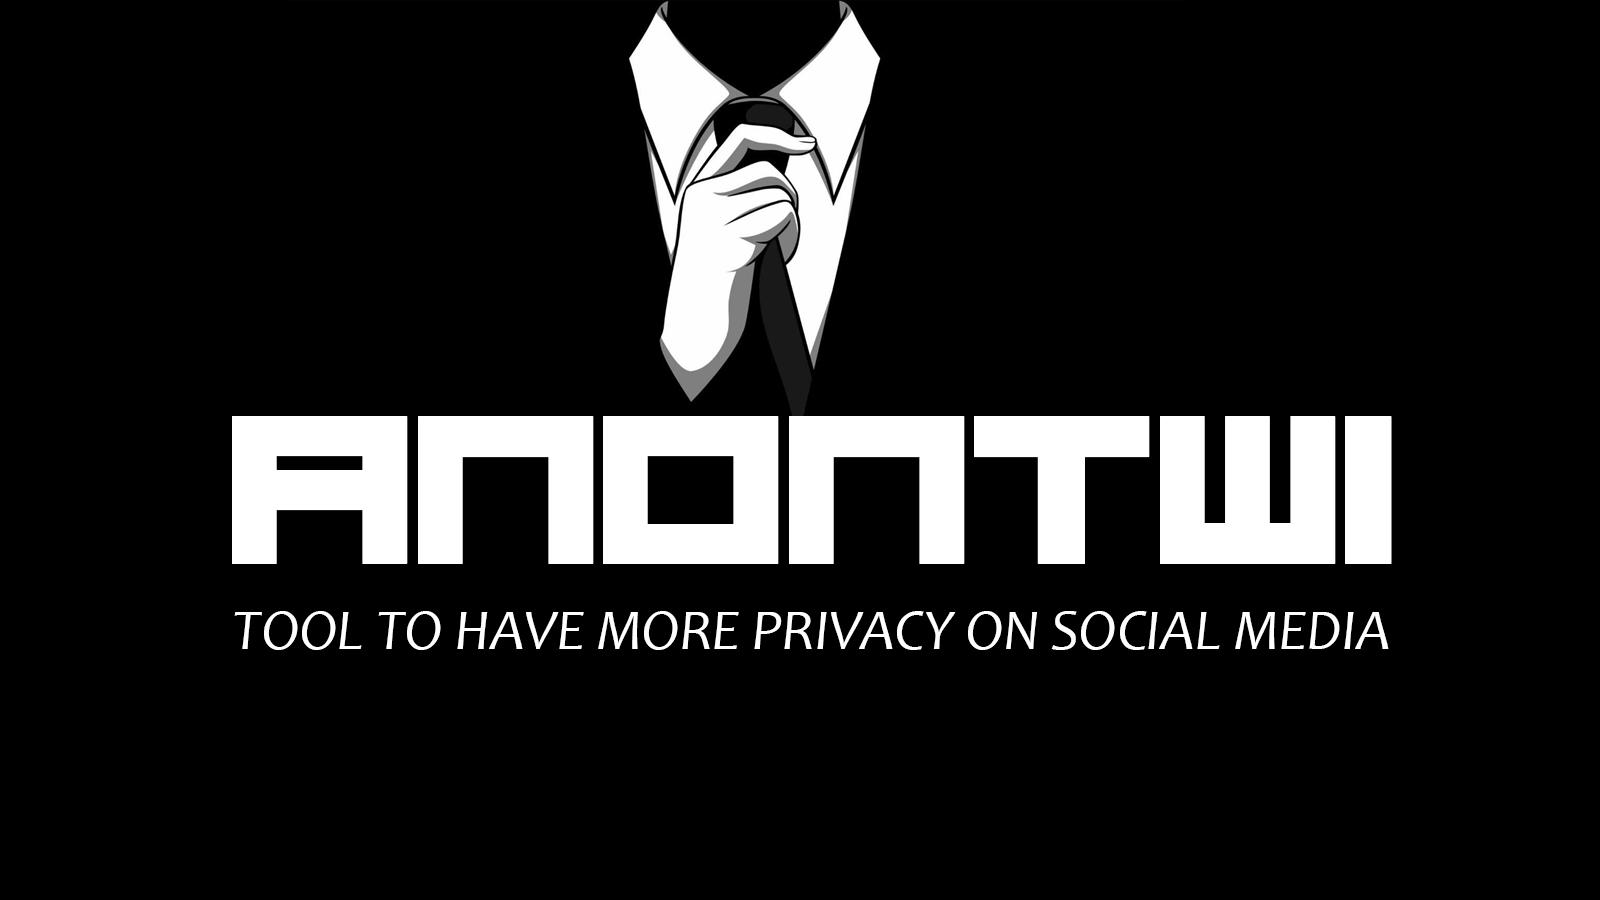 AnonTwi